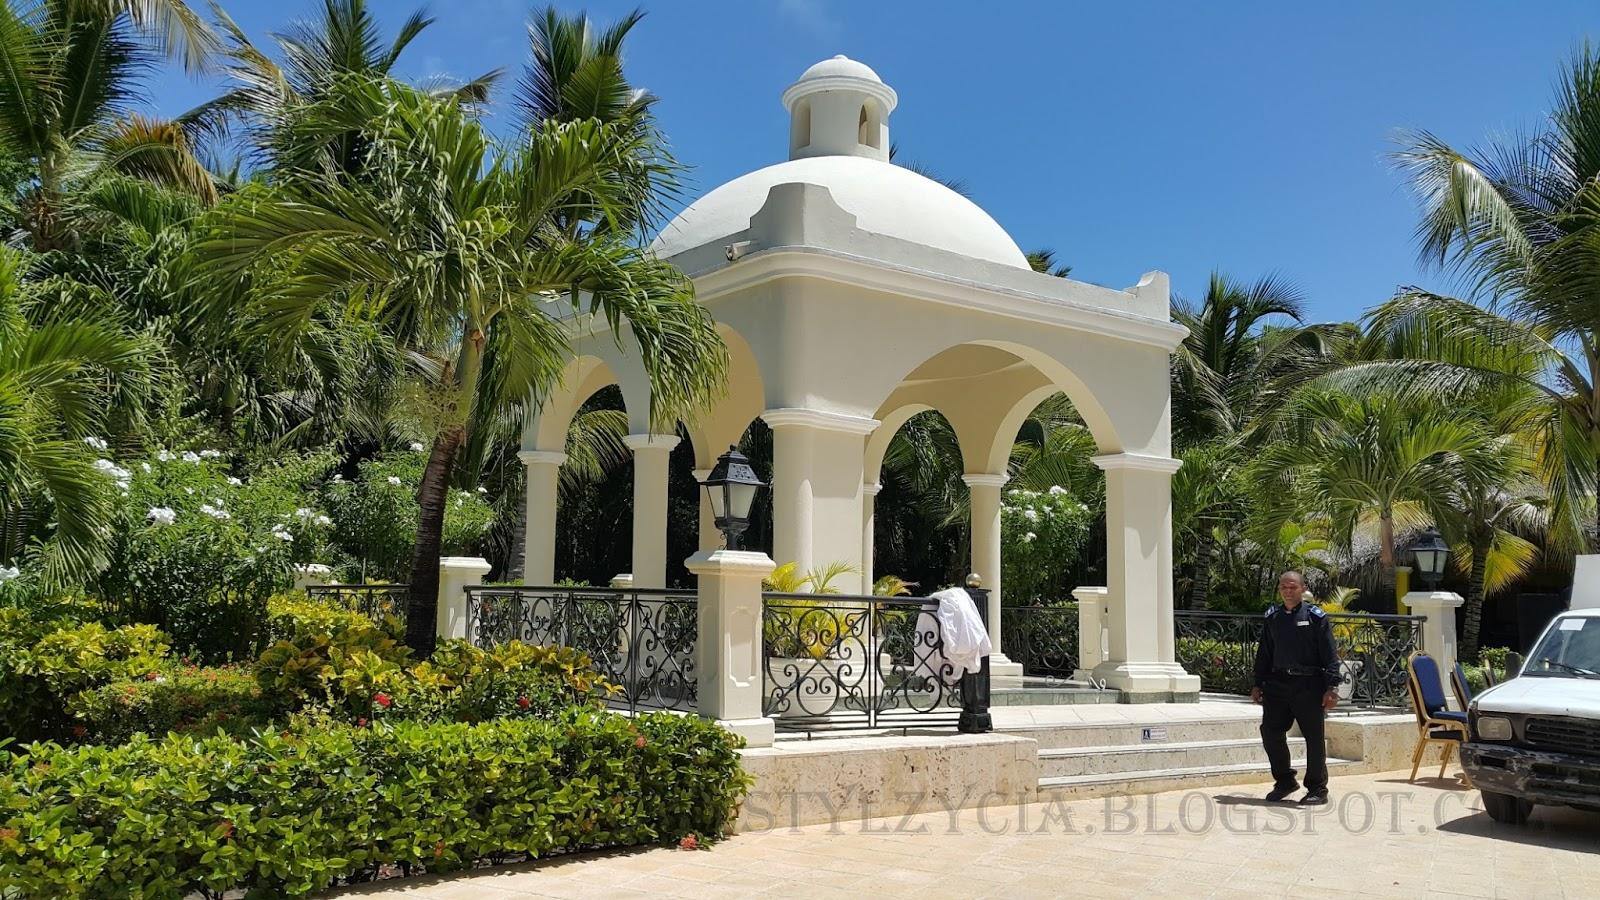 Hotel Grand Bahia Principe Punta Cana Dominikana